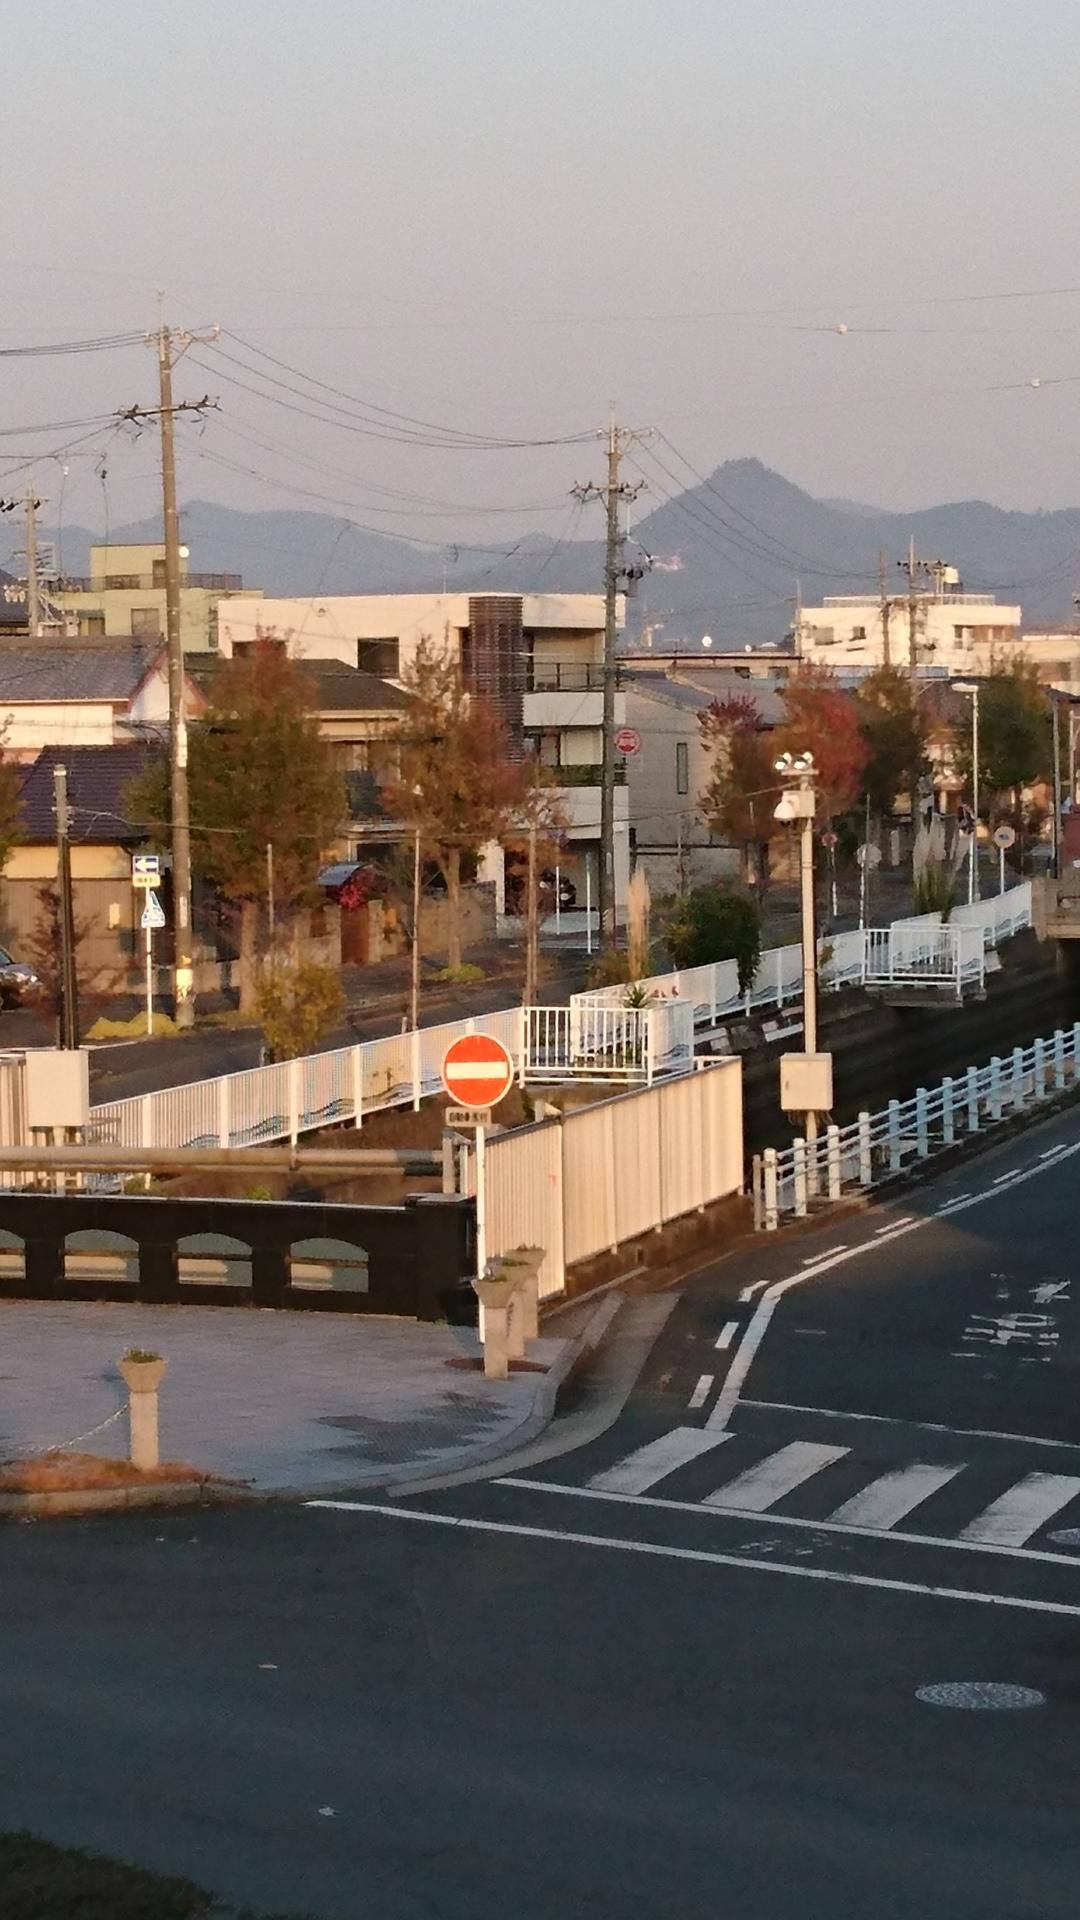 2016.12.9 豊橋 (12) 牟呂用水と石巻山 1080-1920